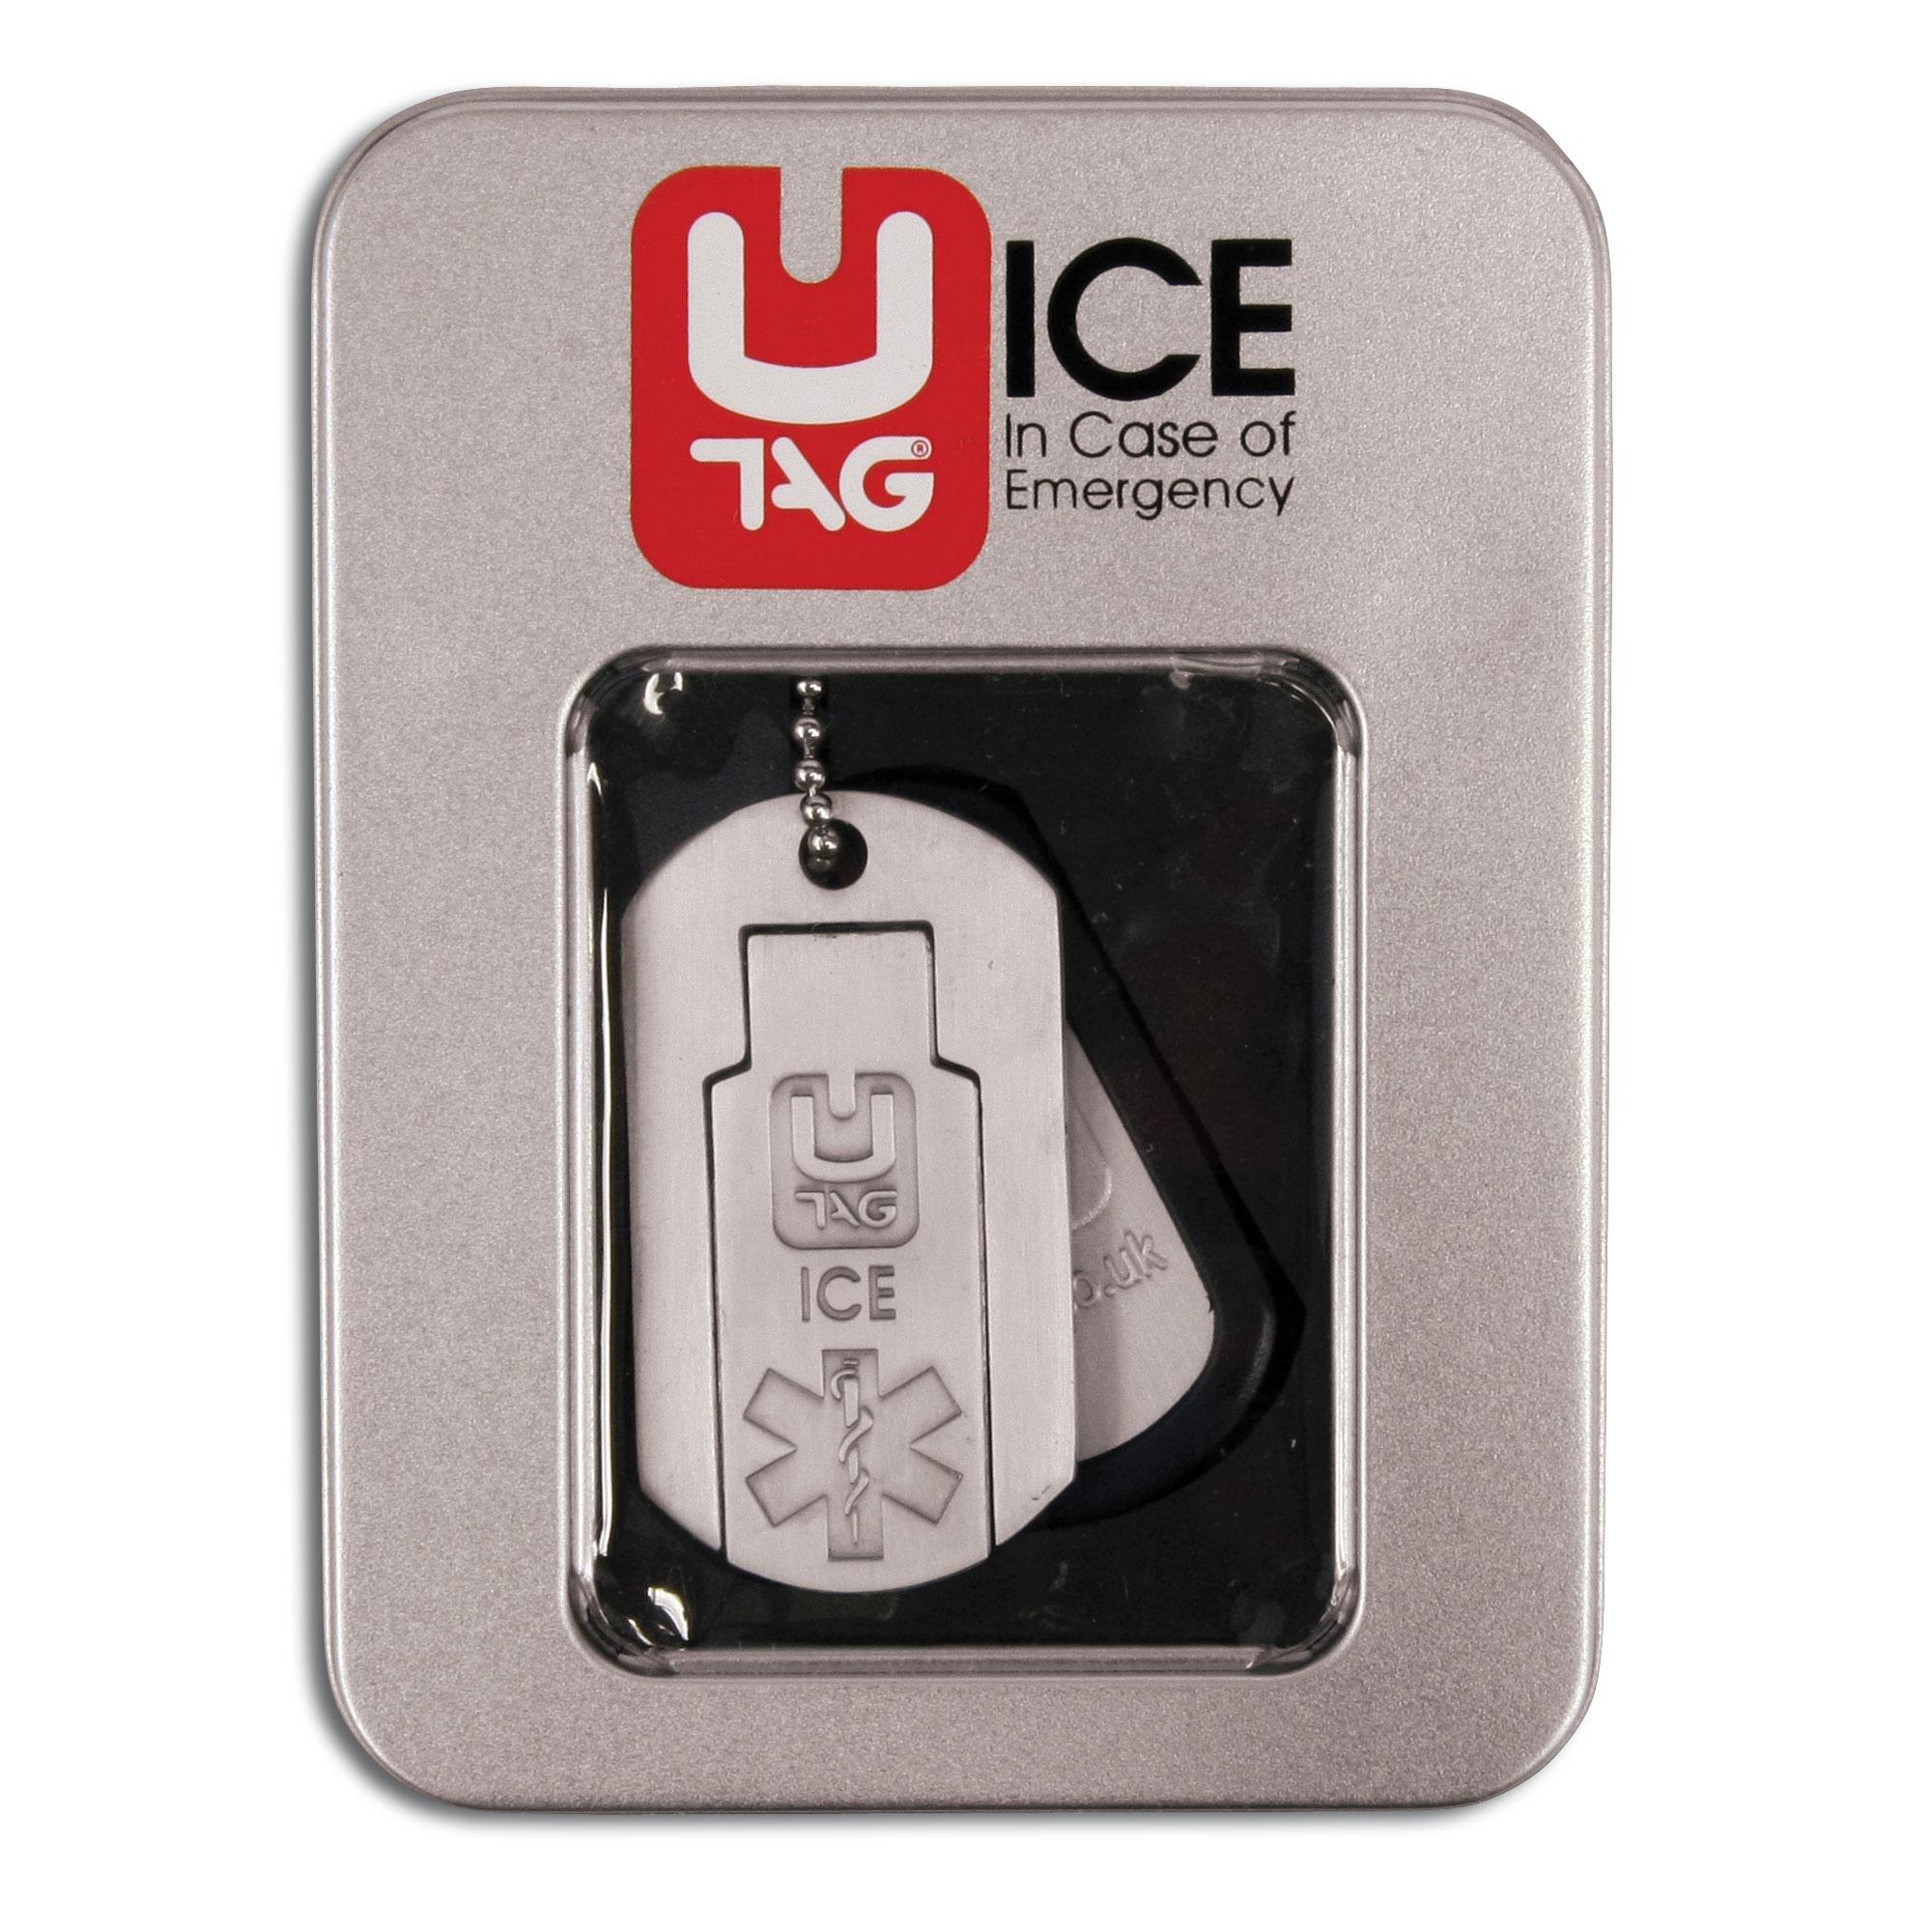 UTAG USB piastrina riconoscimento